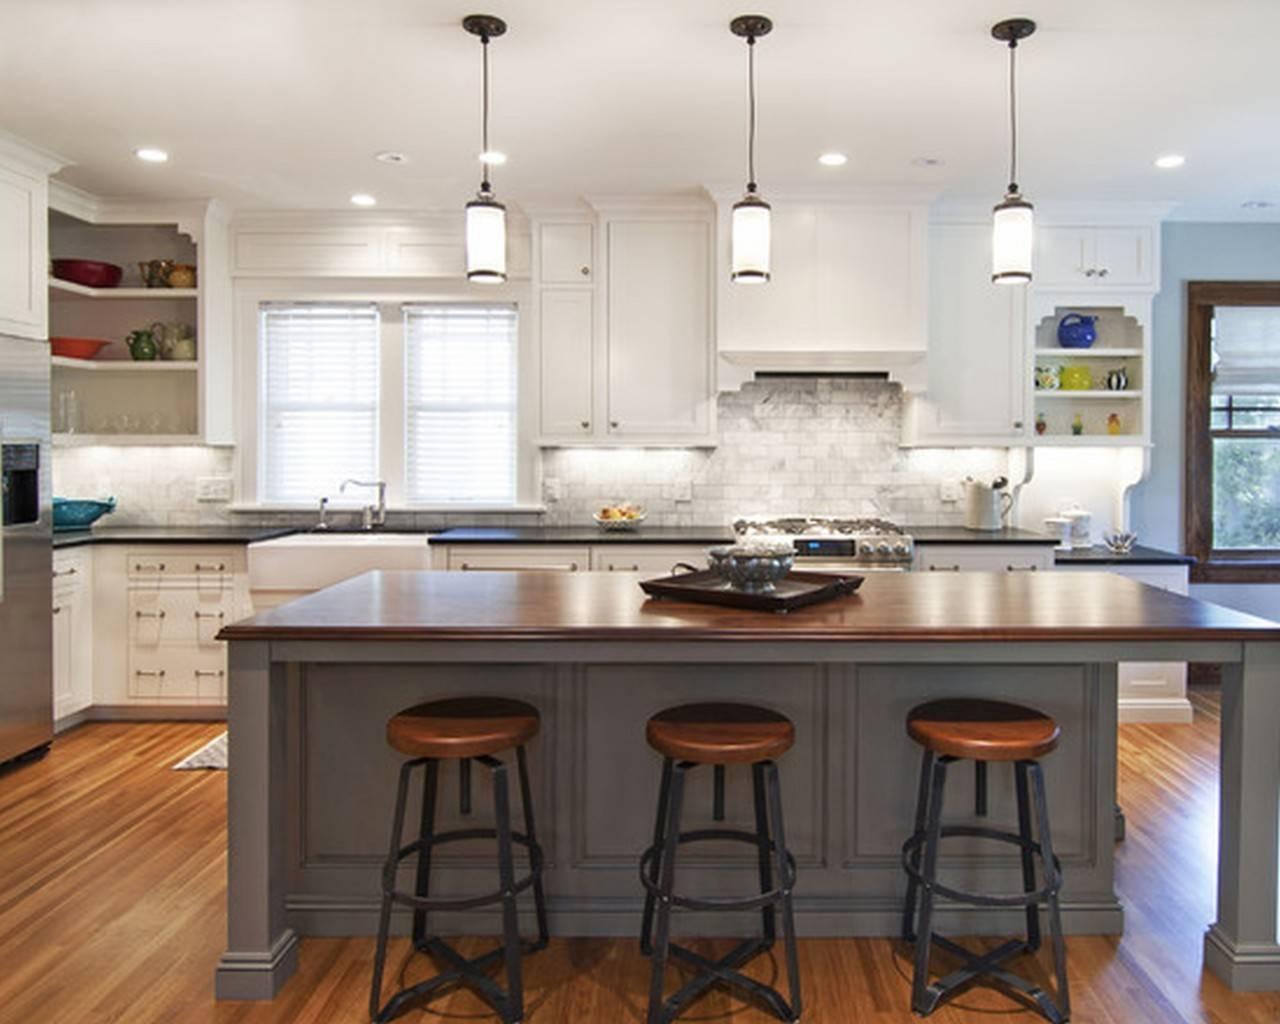 Kitchen Island Pendant Lighting White : Kitchen Island Pendant With Regard To Kitchen Pendant Lighting (Photo 1 of 15)